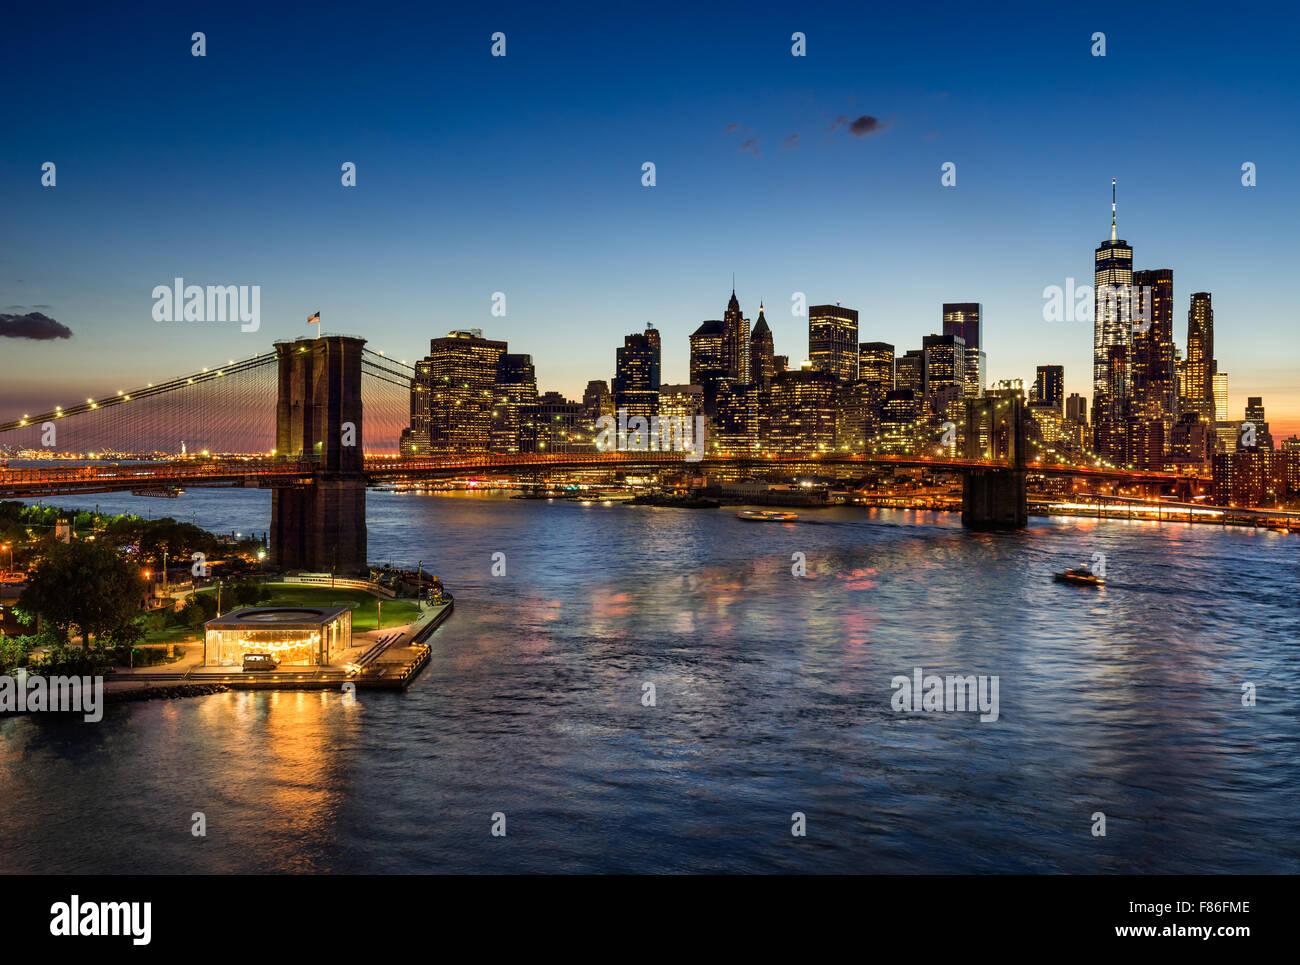 Il Ponte di Brooklyn e illuminato la parte inferiore di Manhattan al crepuscolo. Il quartiere finanziario di grattacieli Immagini Stock